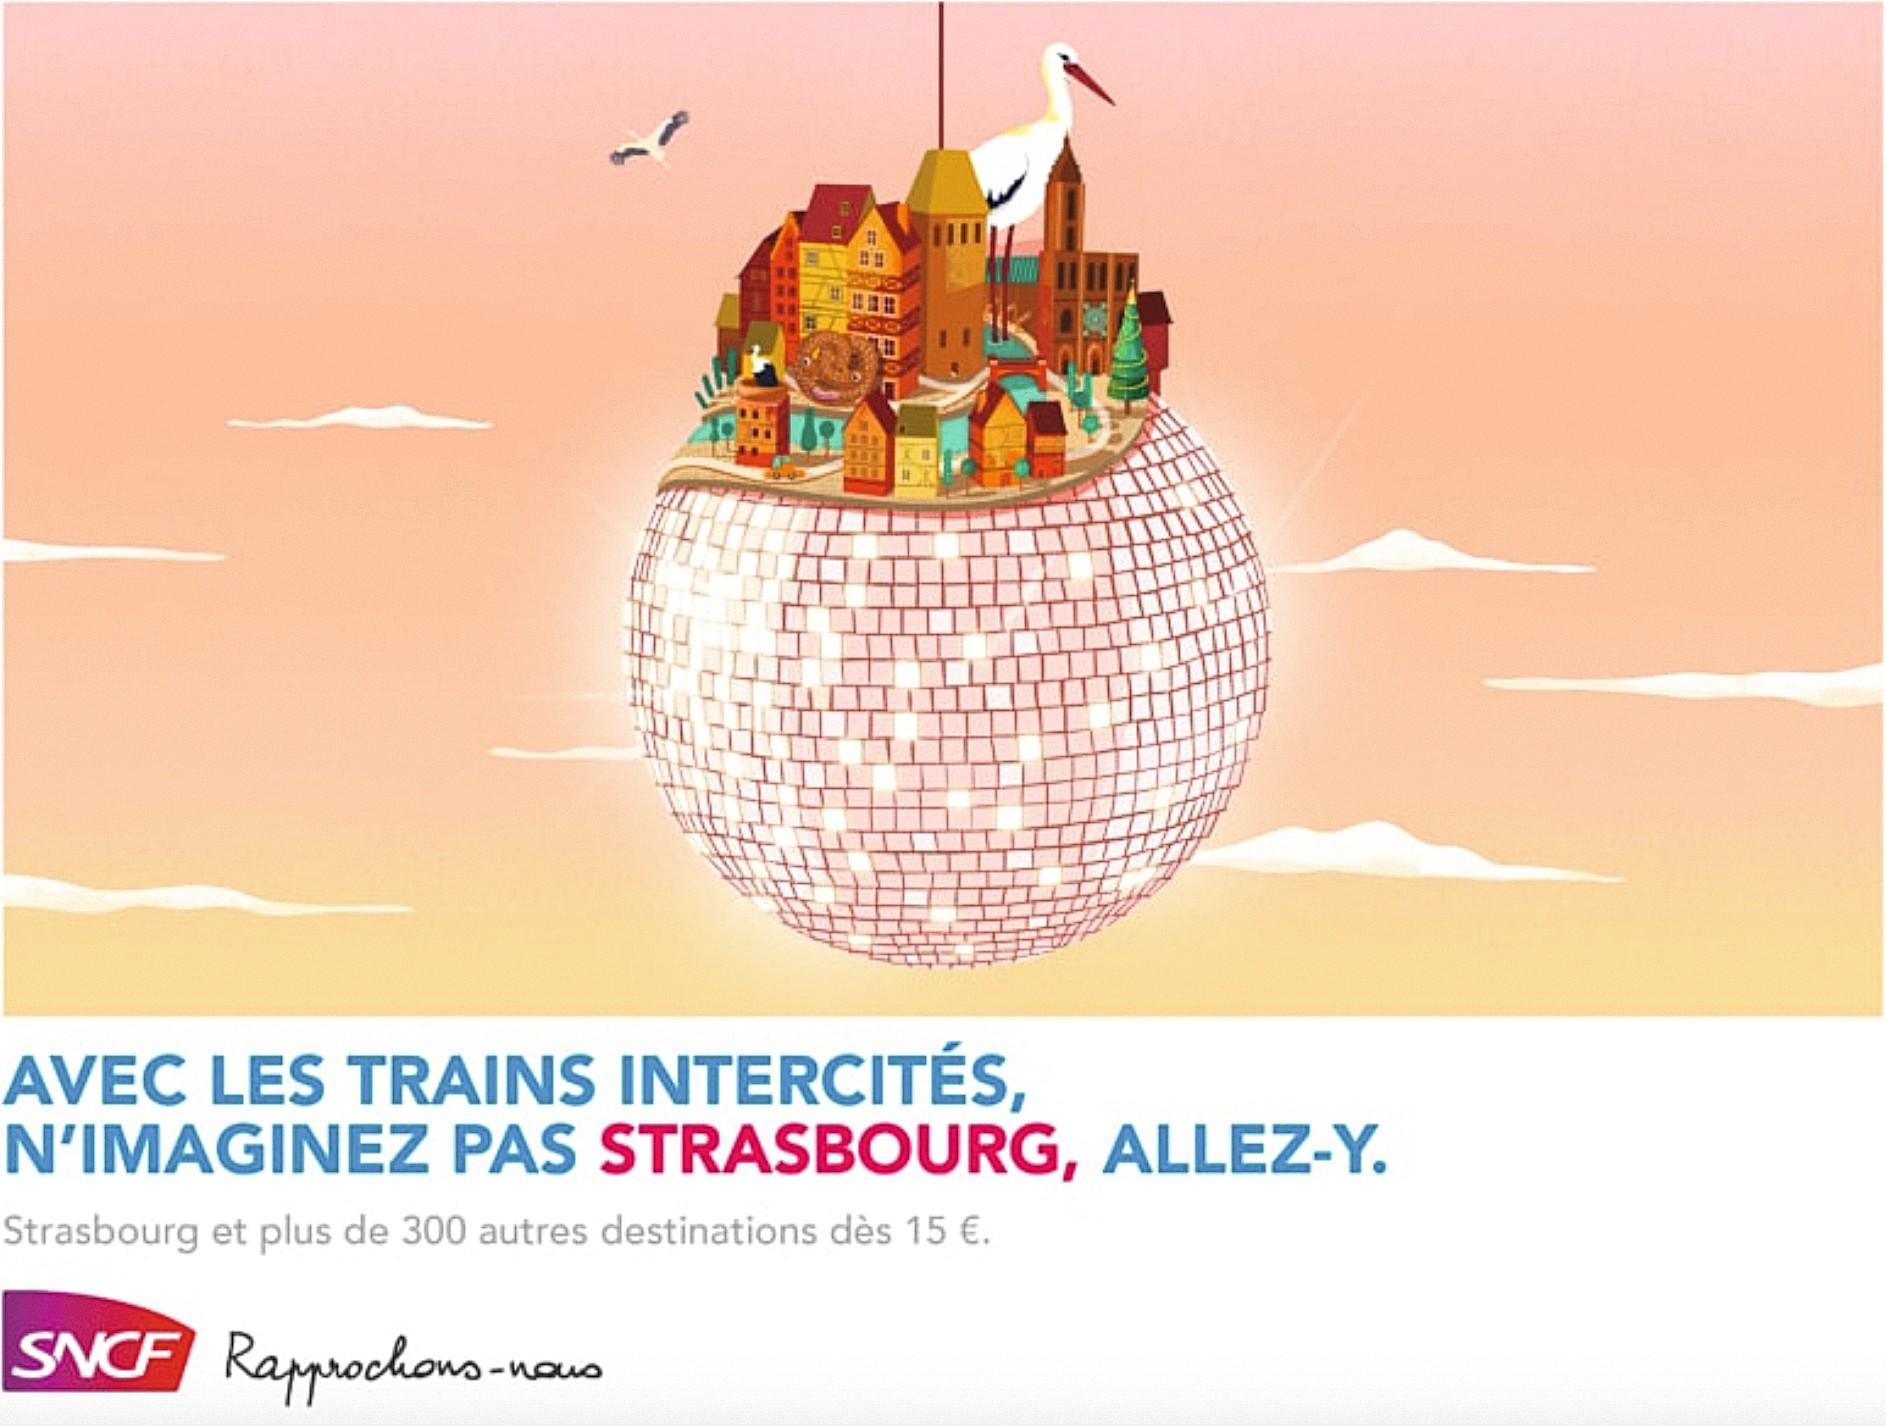 publicité sncf - Pourquoi la SNCF possède-t-elle un monopole ?